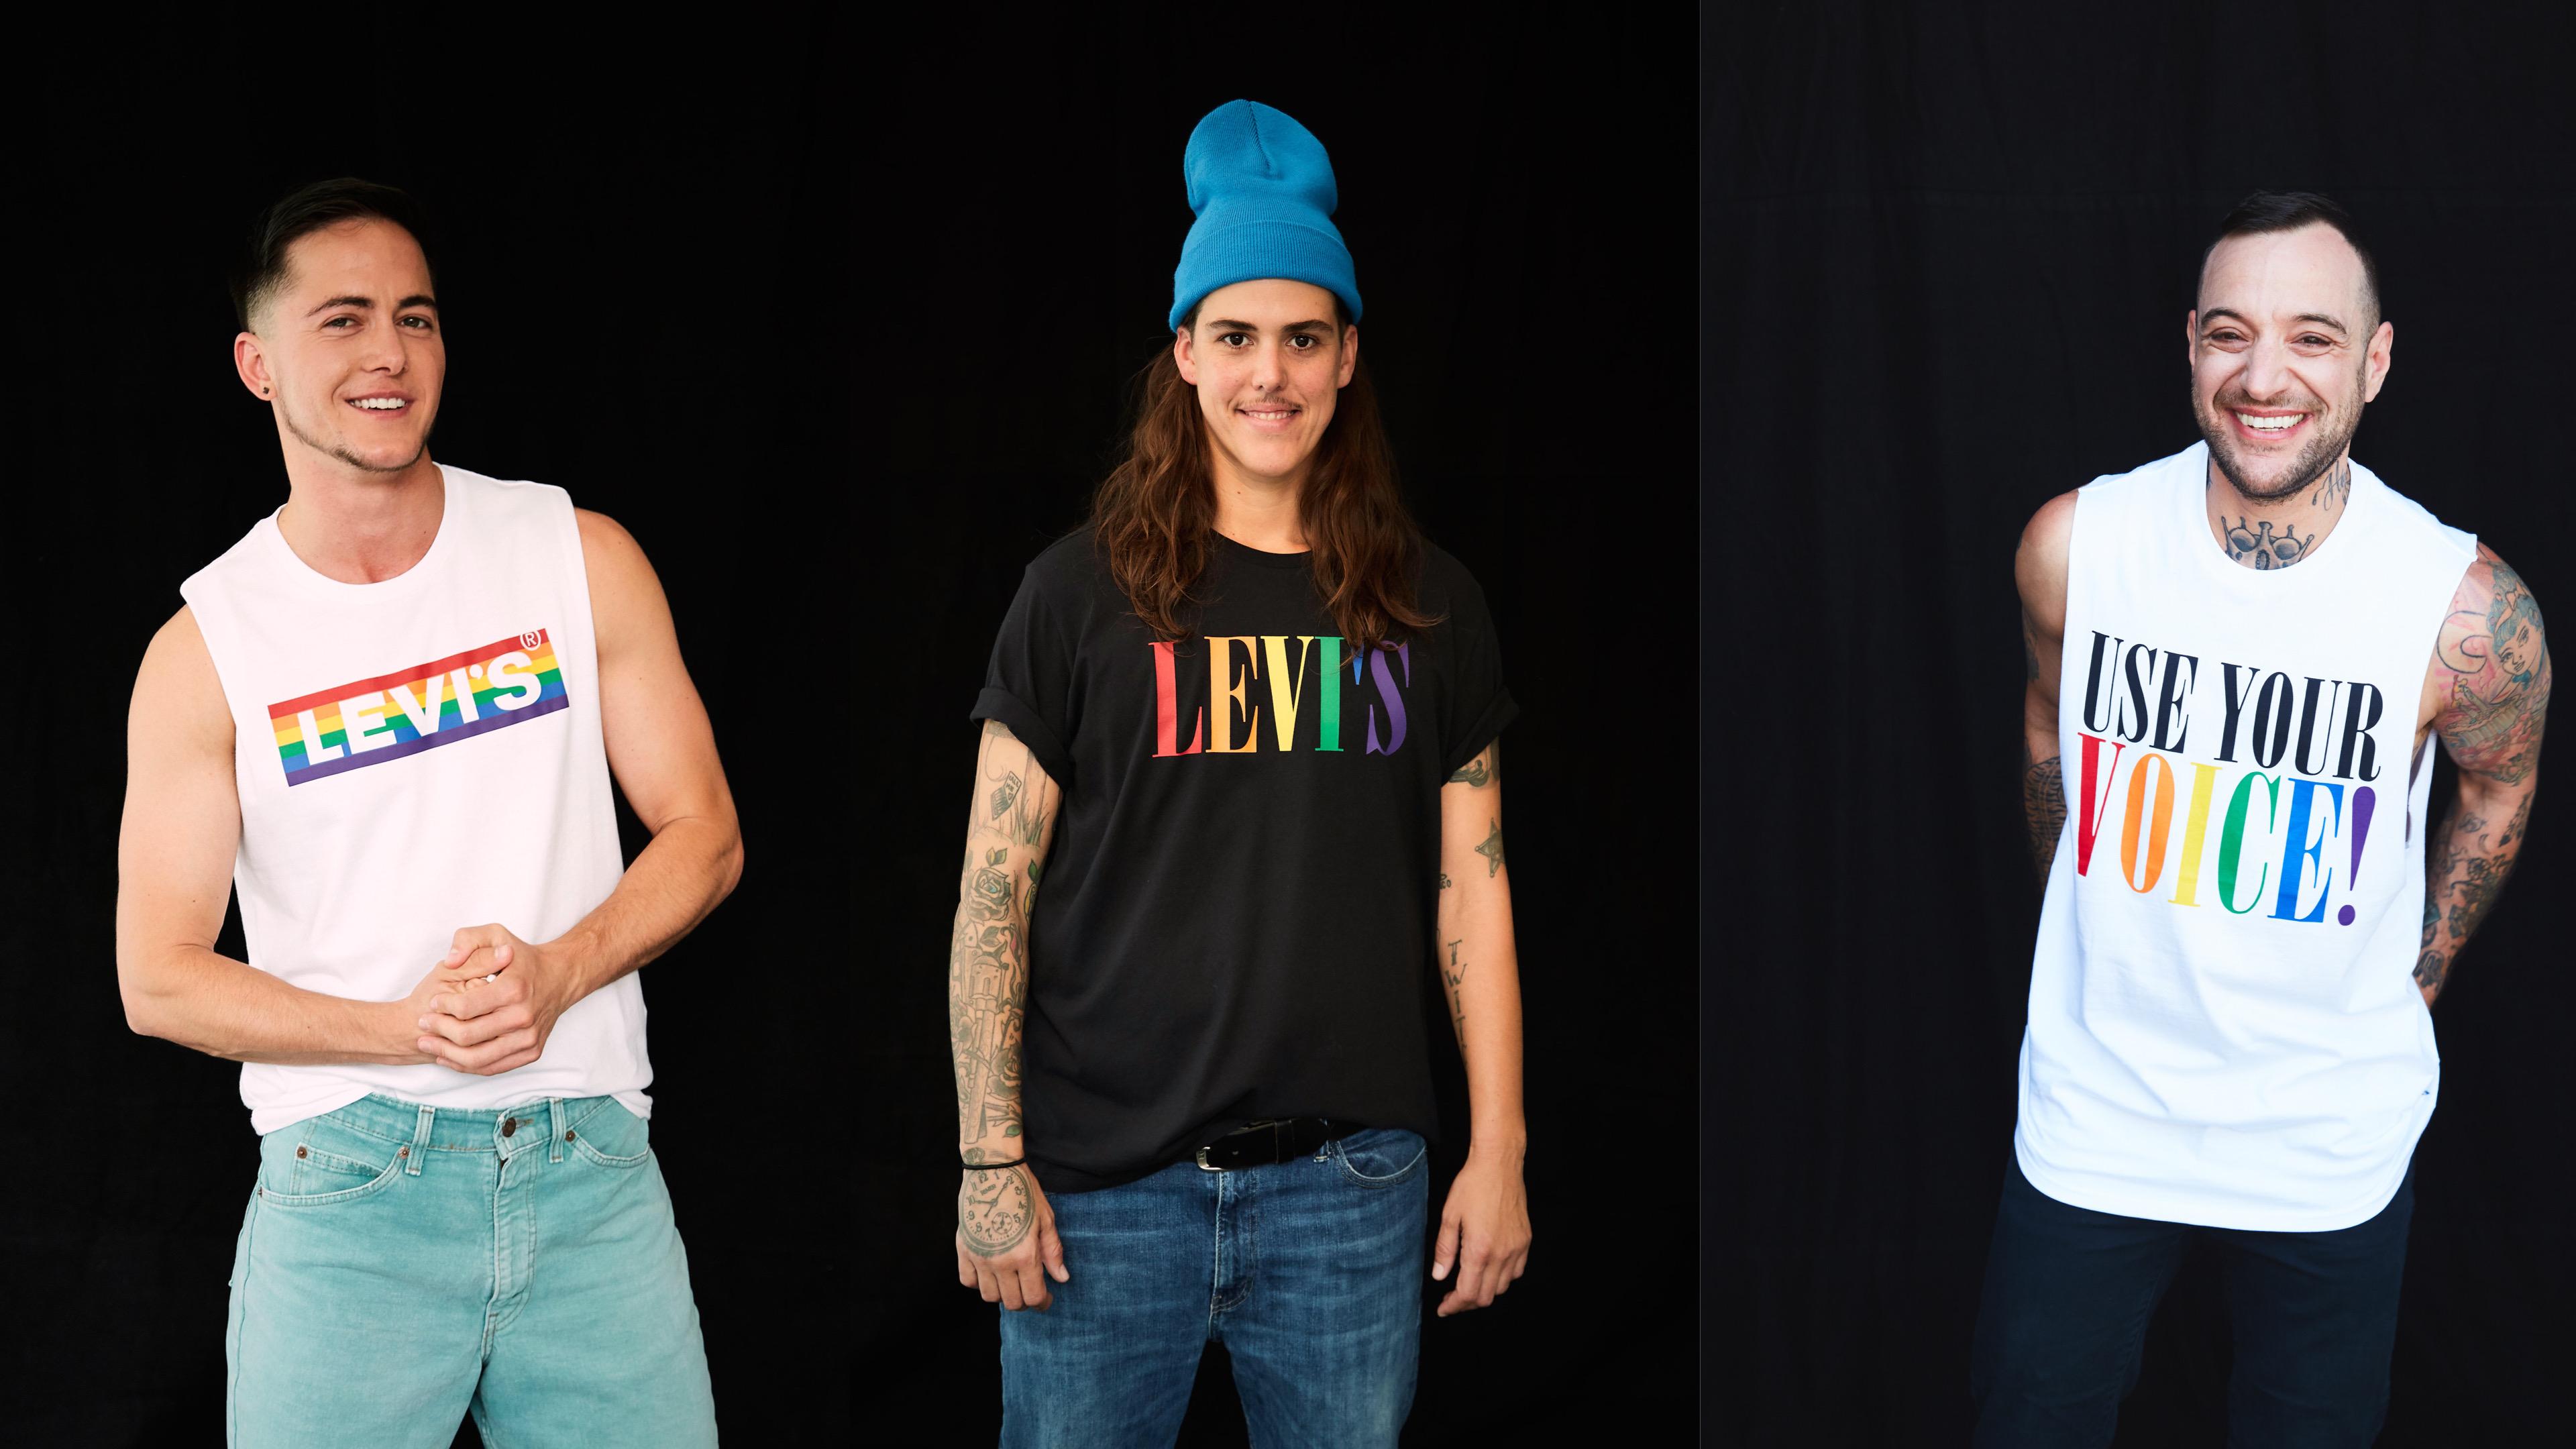 用你的聲音,為自己發聲 LEVI'S 2020 PRIDE平權系列讓你勇敢地表現自我